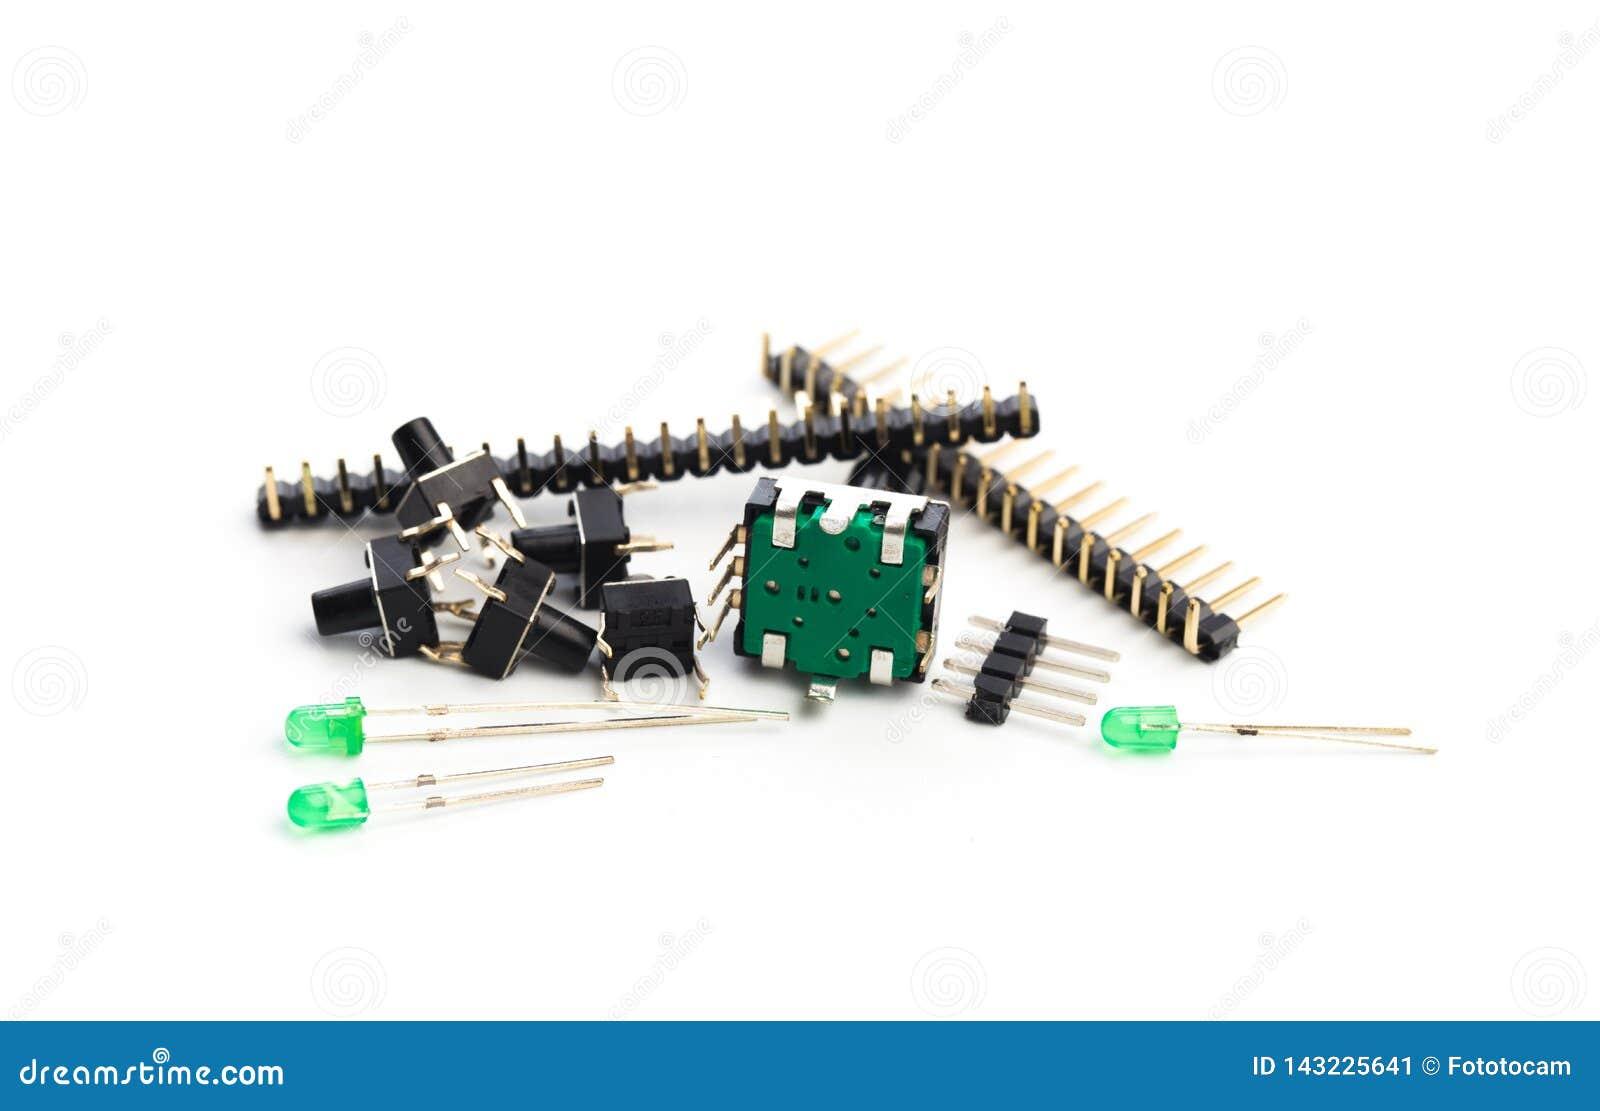 Bottoni, principali, codificatore e connettori isolati su bianco